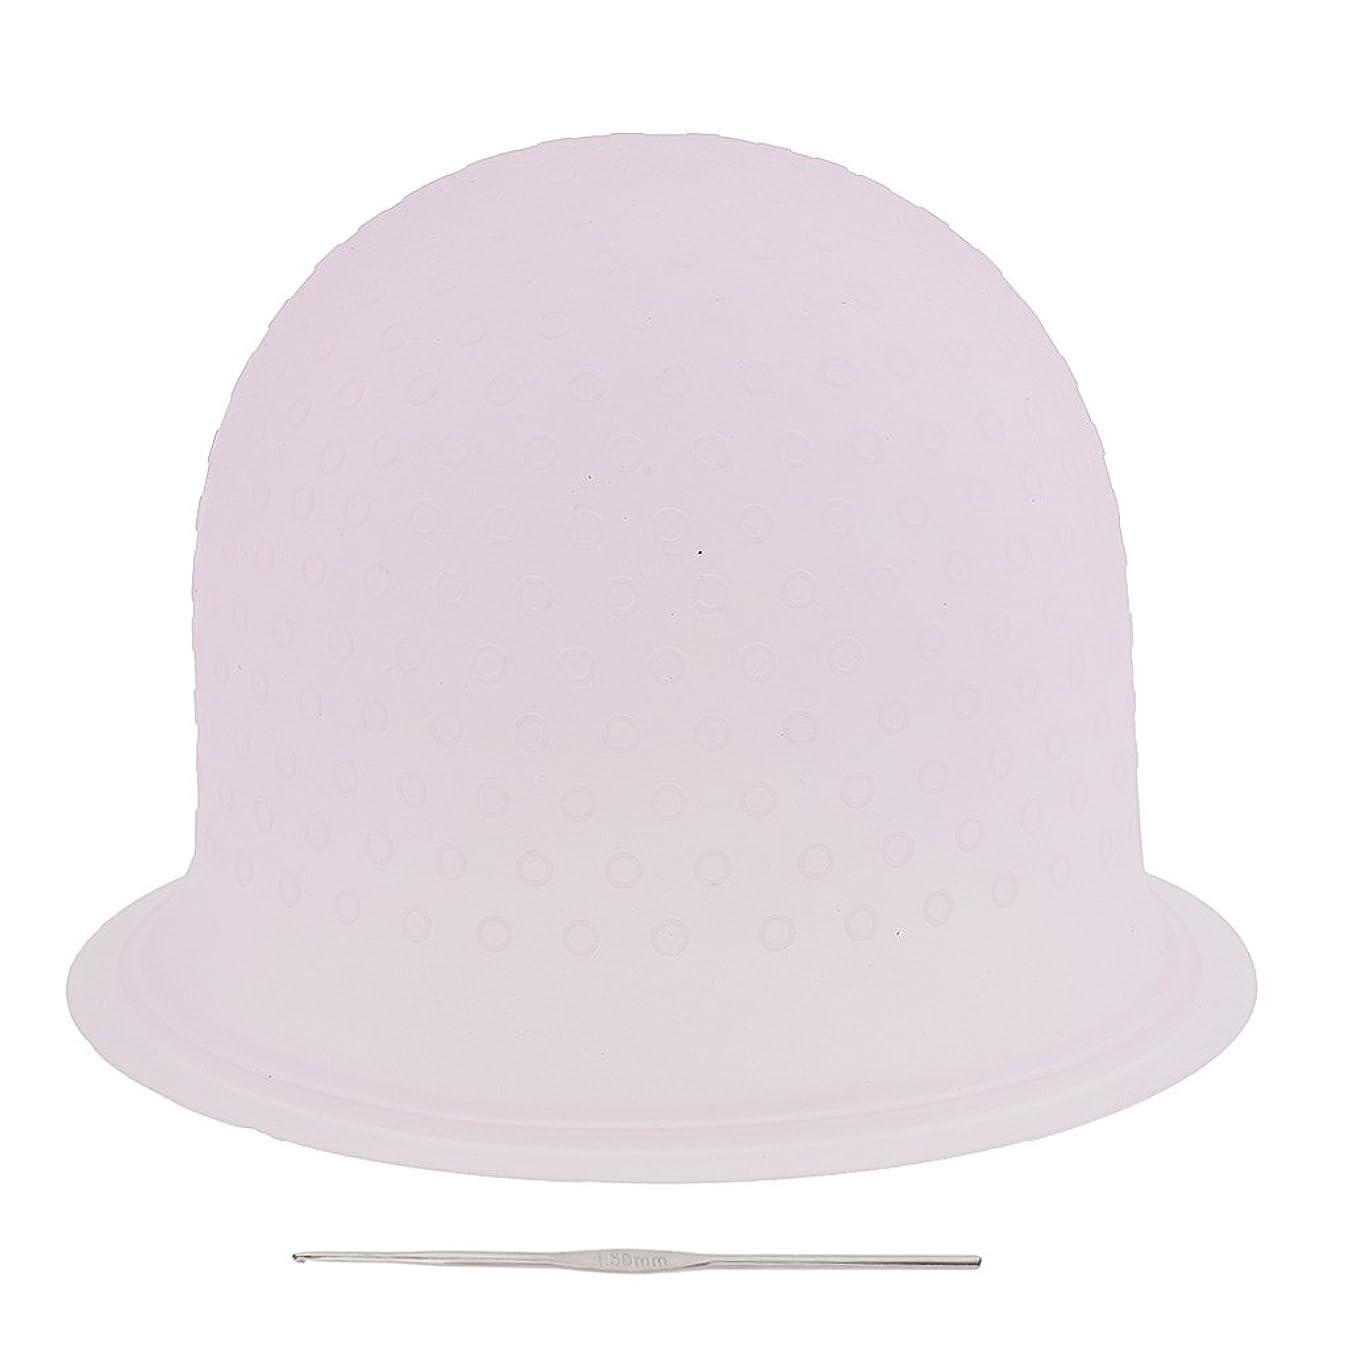 教育学ファイバのSONONIA 再利用可能 省エネ サロン ハイライト 髪染め工具 染めツール メタルフック付き 2色選べ - ピンク, 23.3×8.5cm